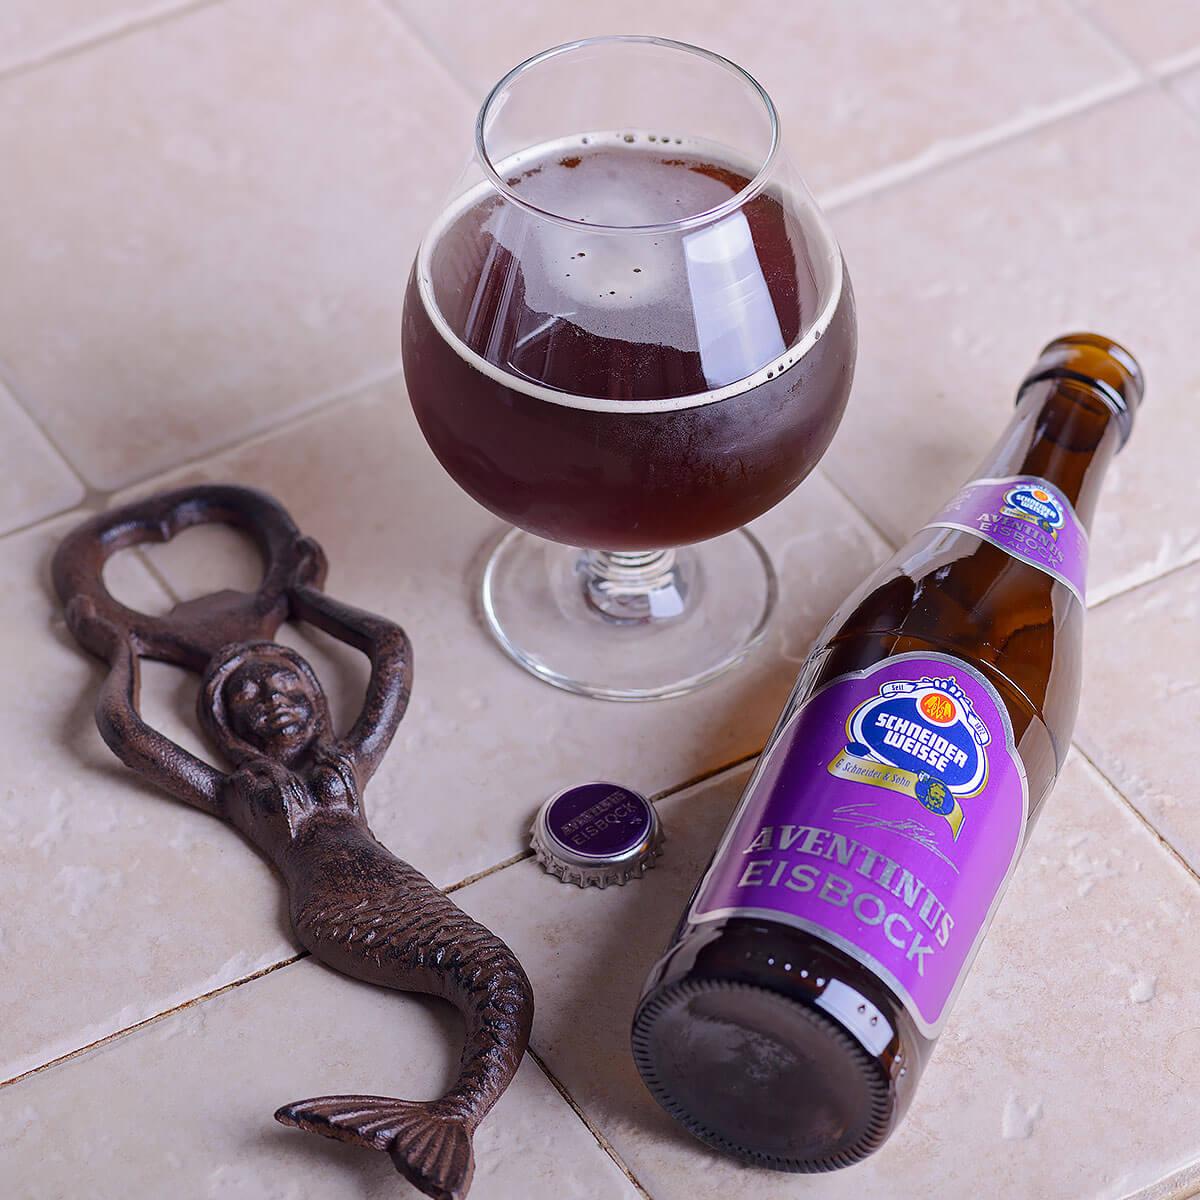 Schneider Weisse Aventinus Eisbock is an Eisbock brewed by Weisses Bräuhaus G. Schneider & Sohn GmbH